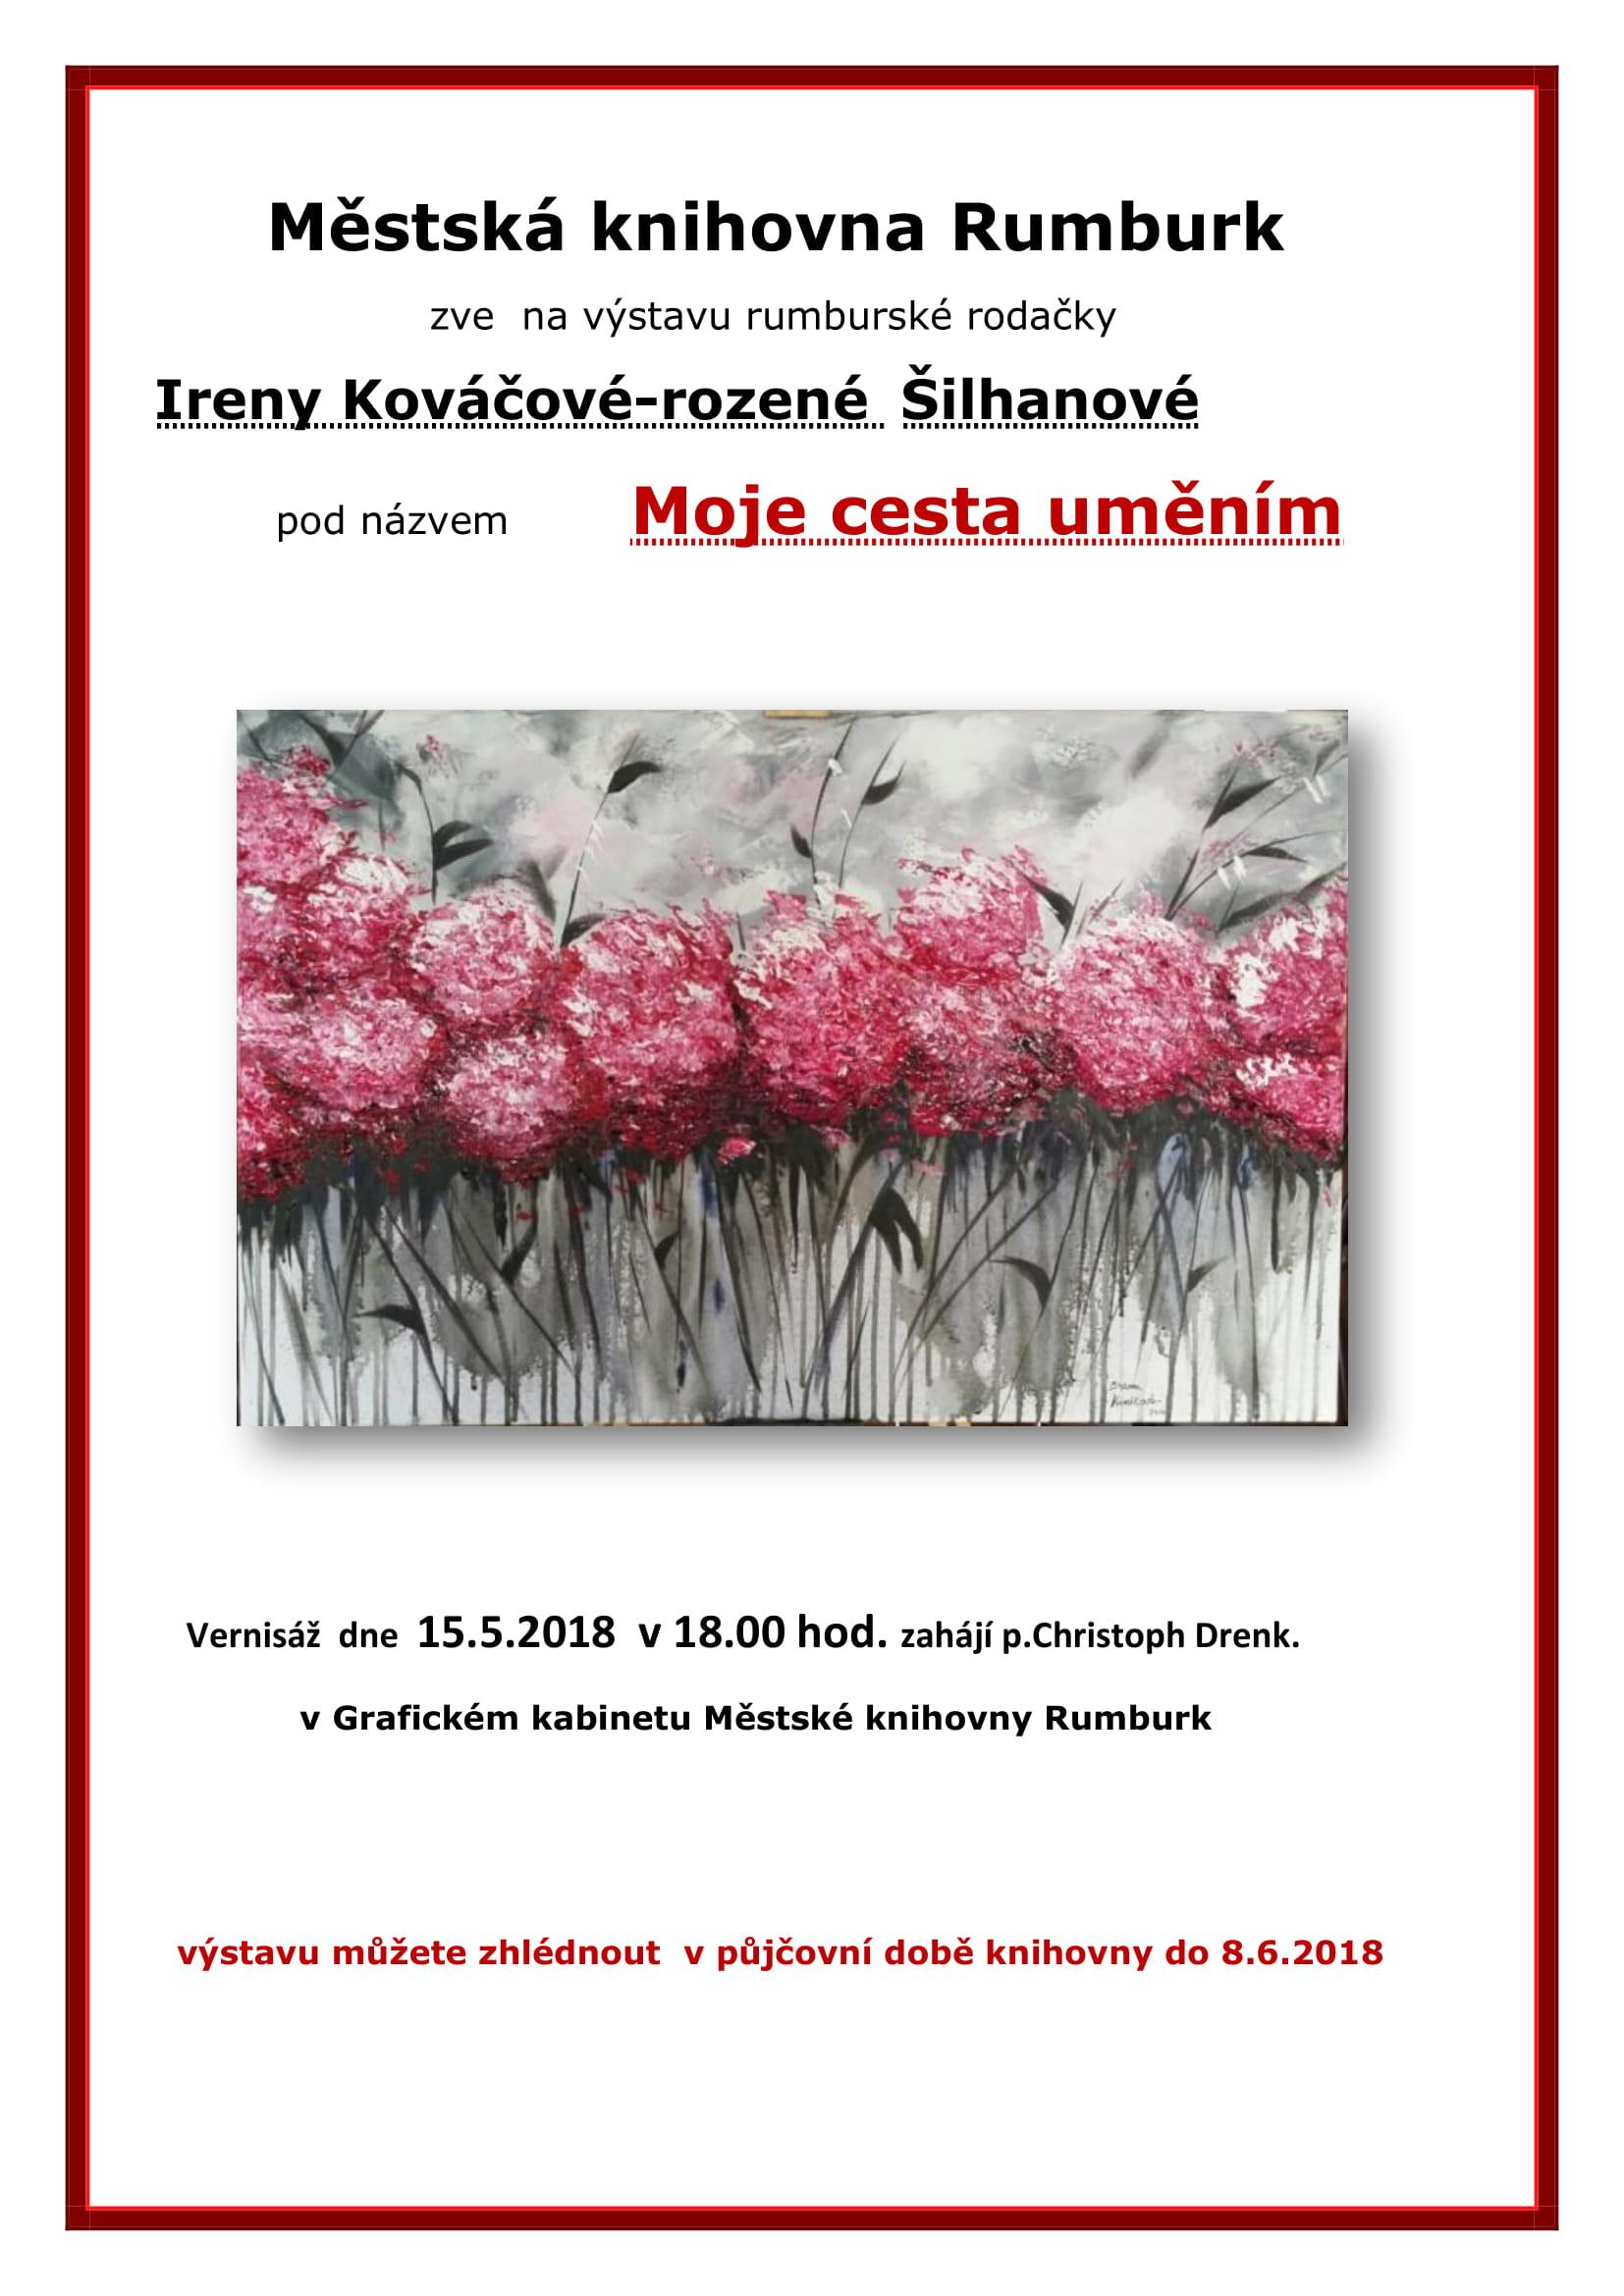 Pozvání do Městské knihovny Rumburk na výstavu rumburské rodačky Ireny Kováčové-Šilhanové